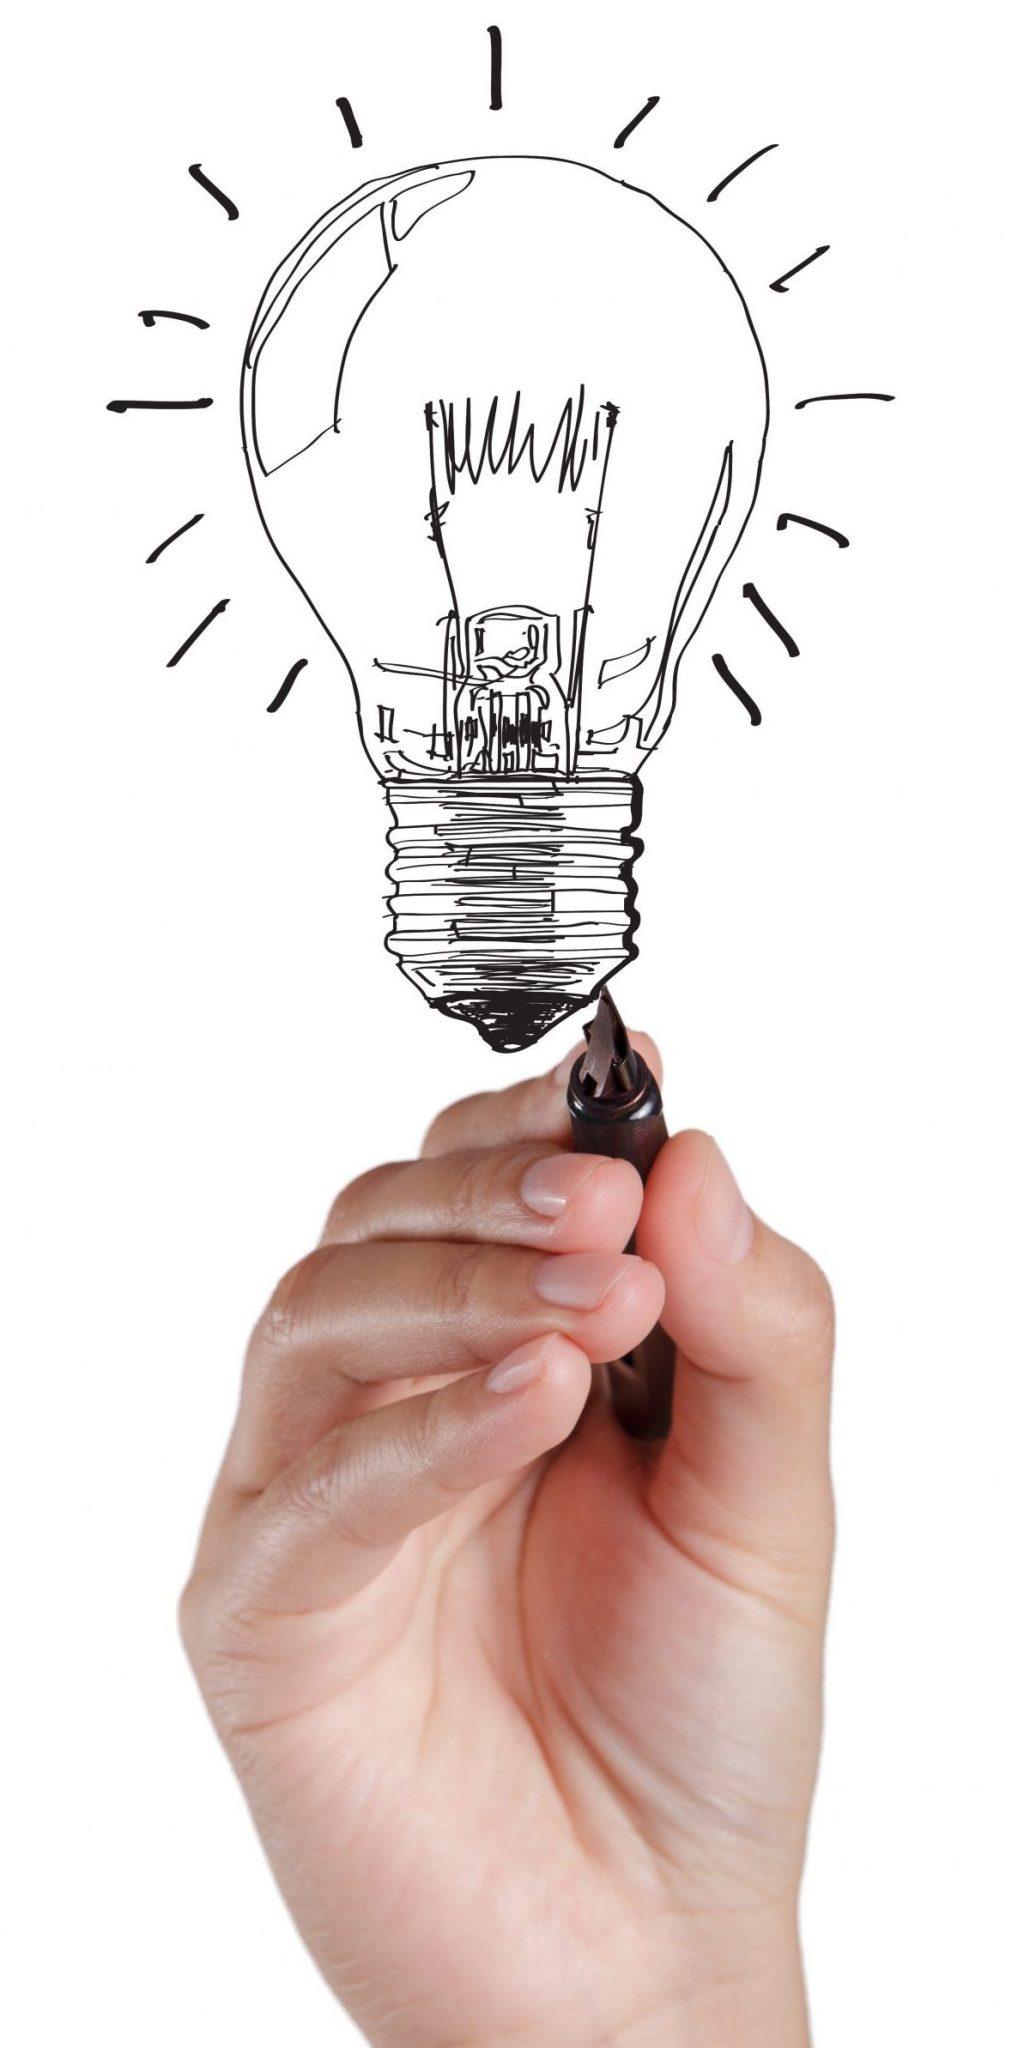 Le tue idee sono importanti - web design cesena